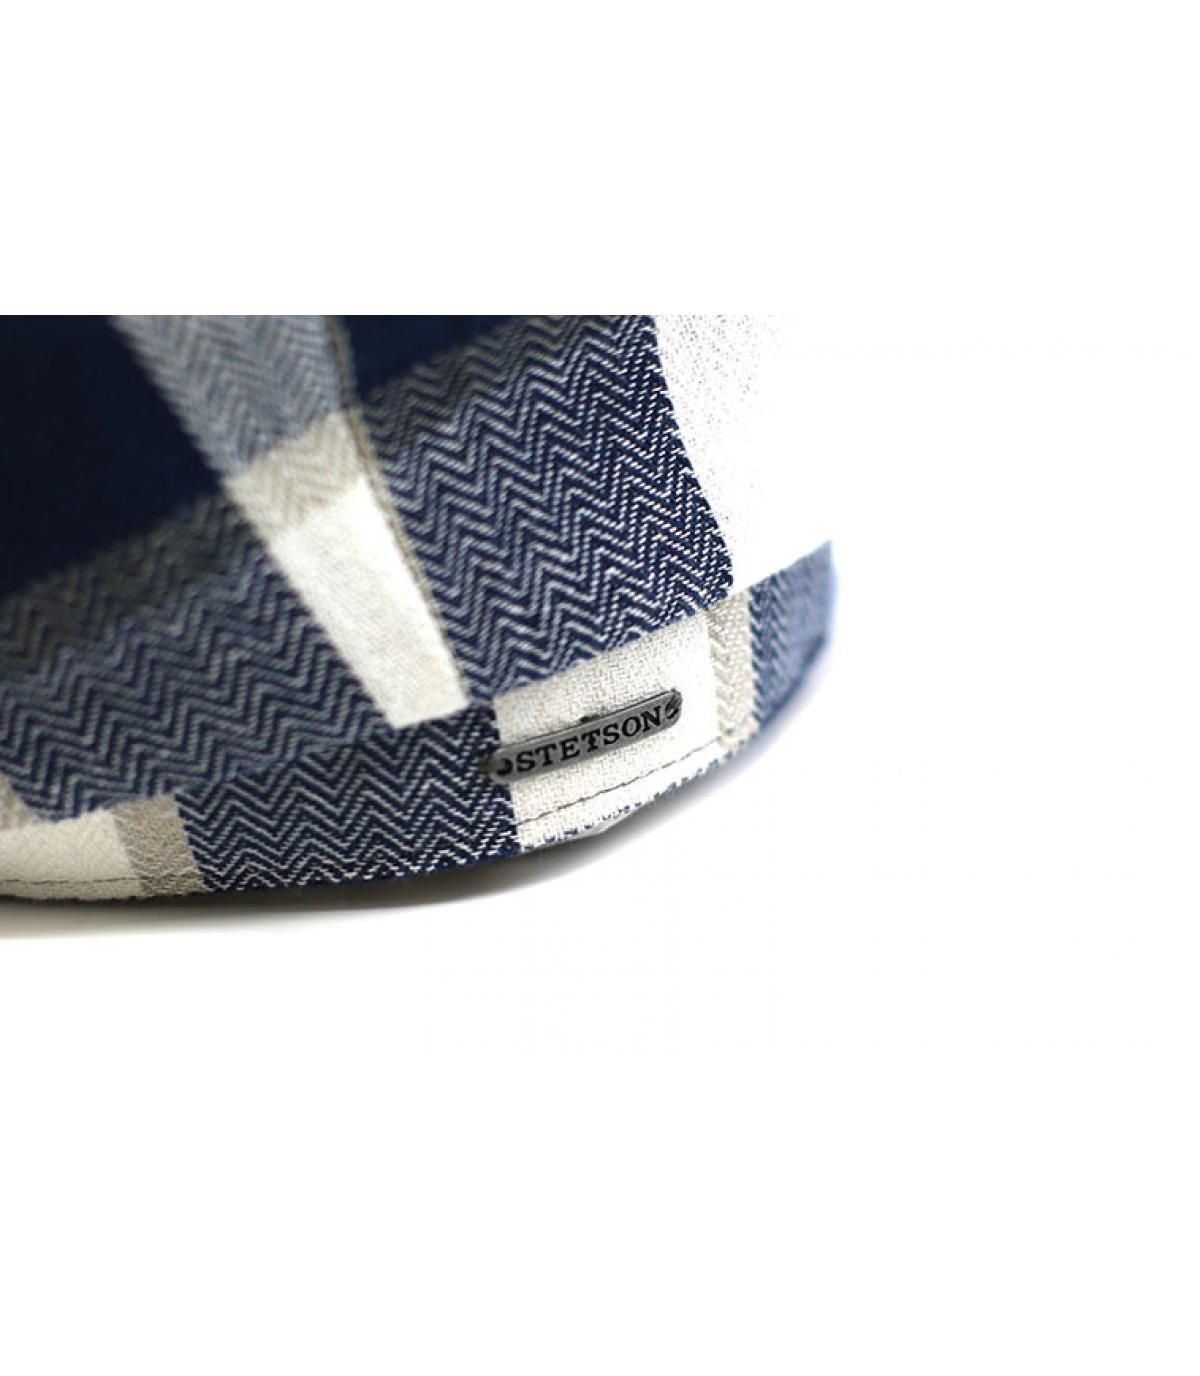 Dettagli Hatteras Linen Check beige blue - image 3